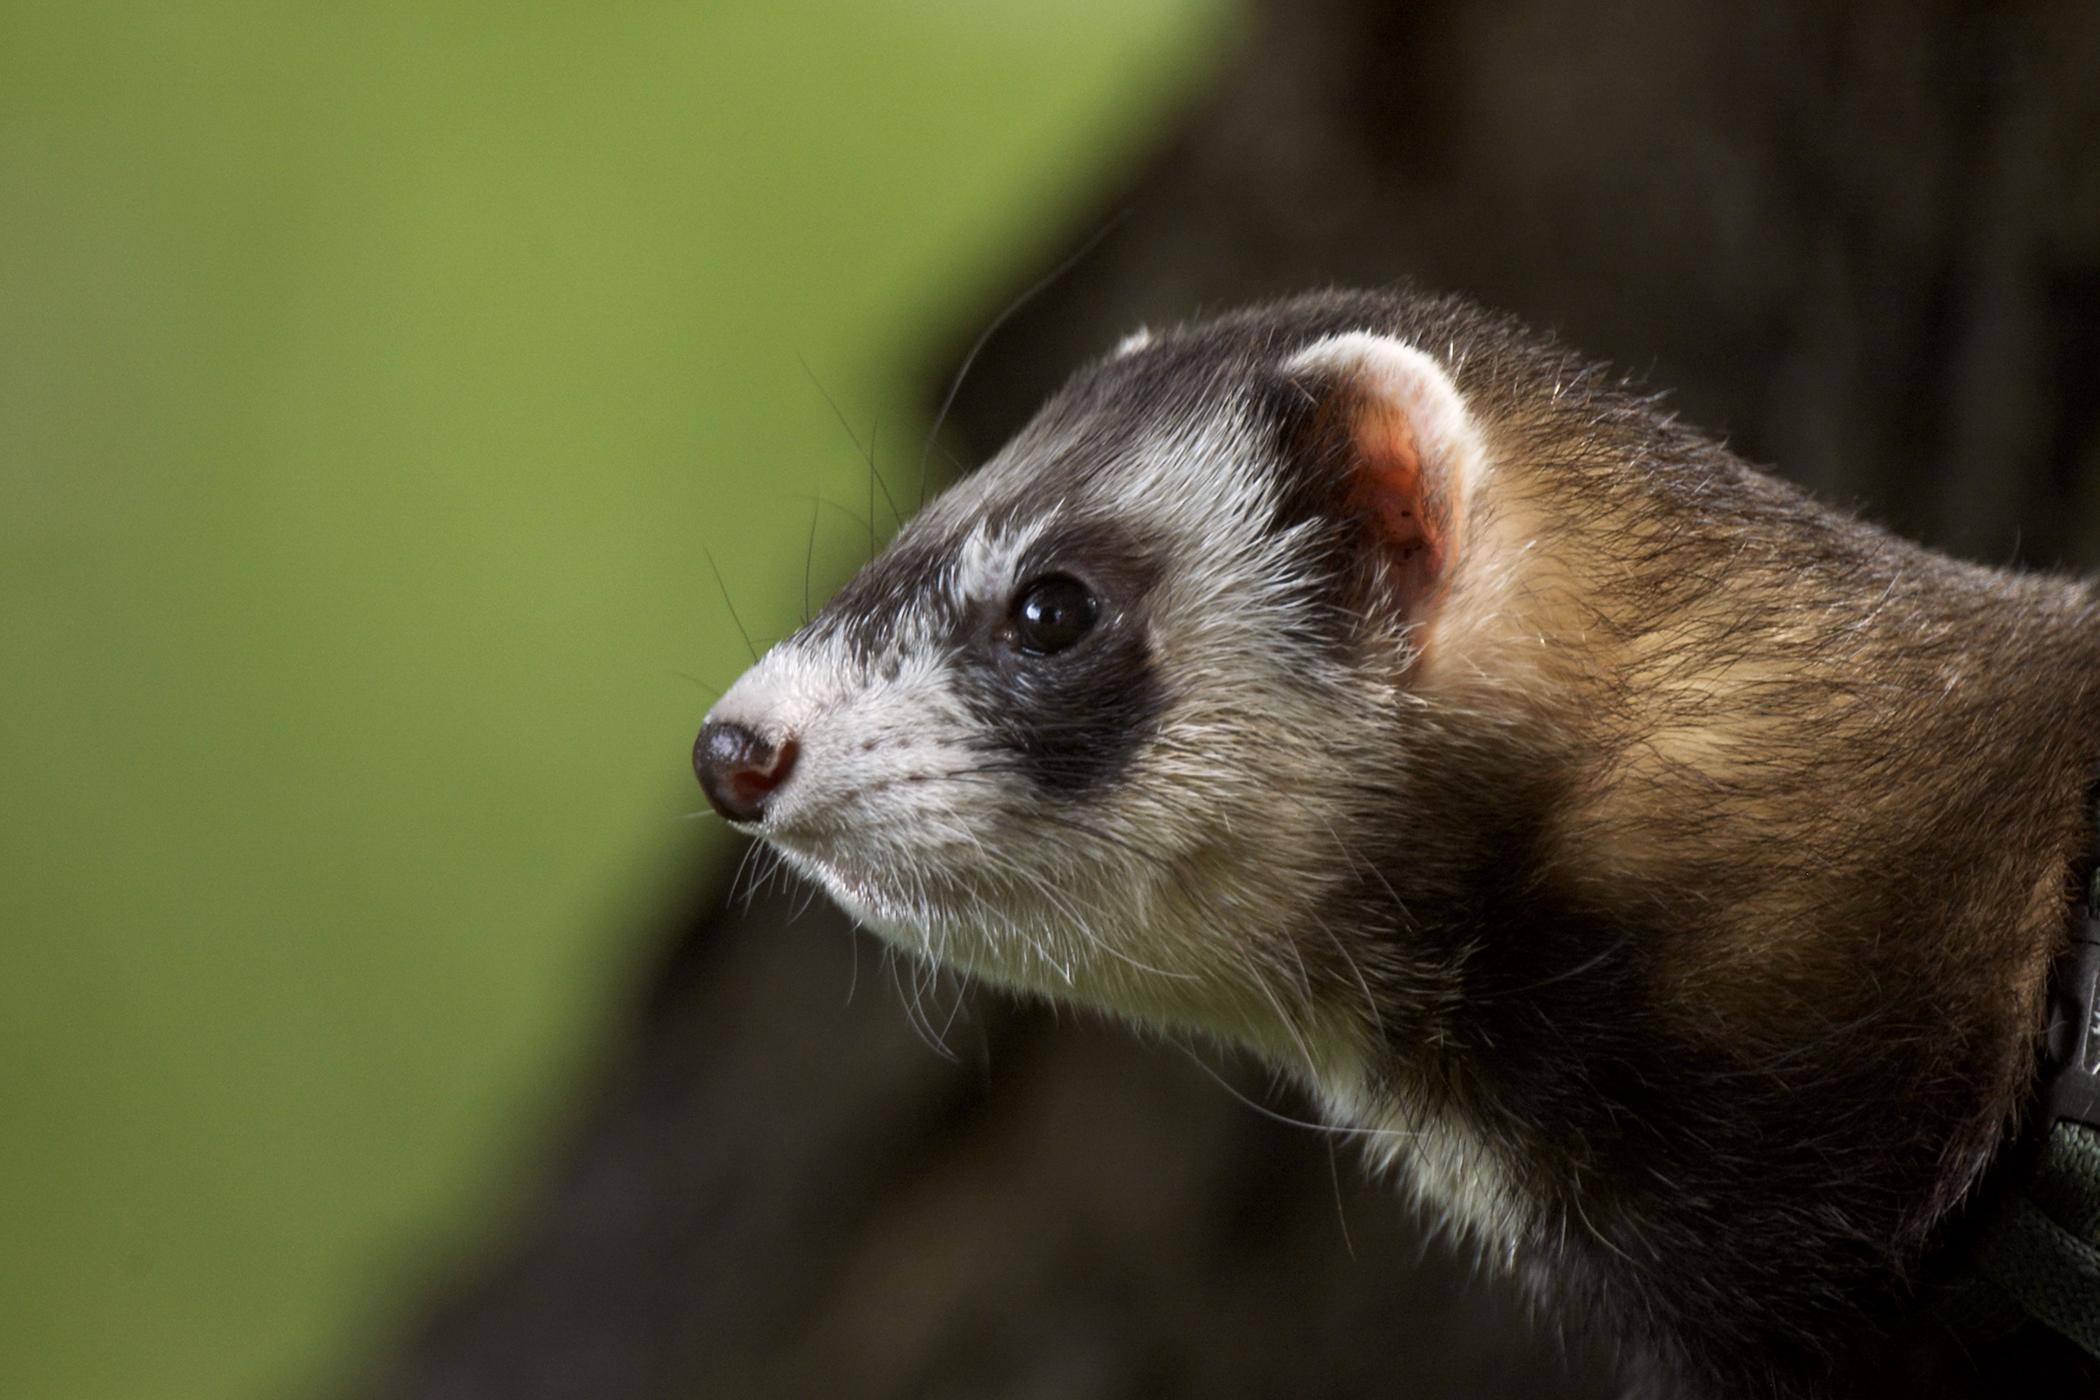 Proliferative Colitis in Ferrets